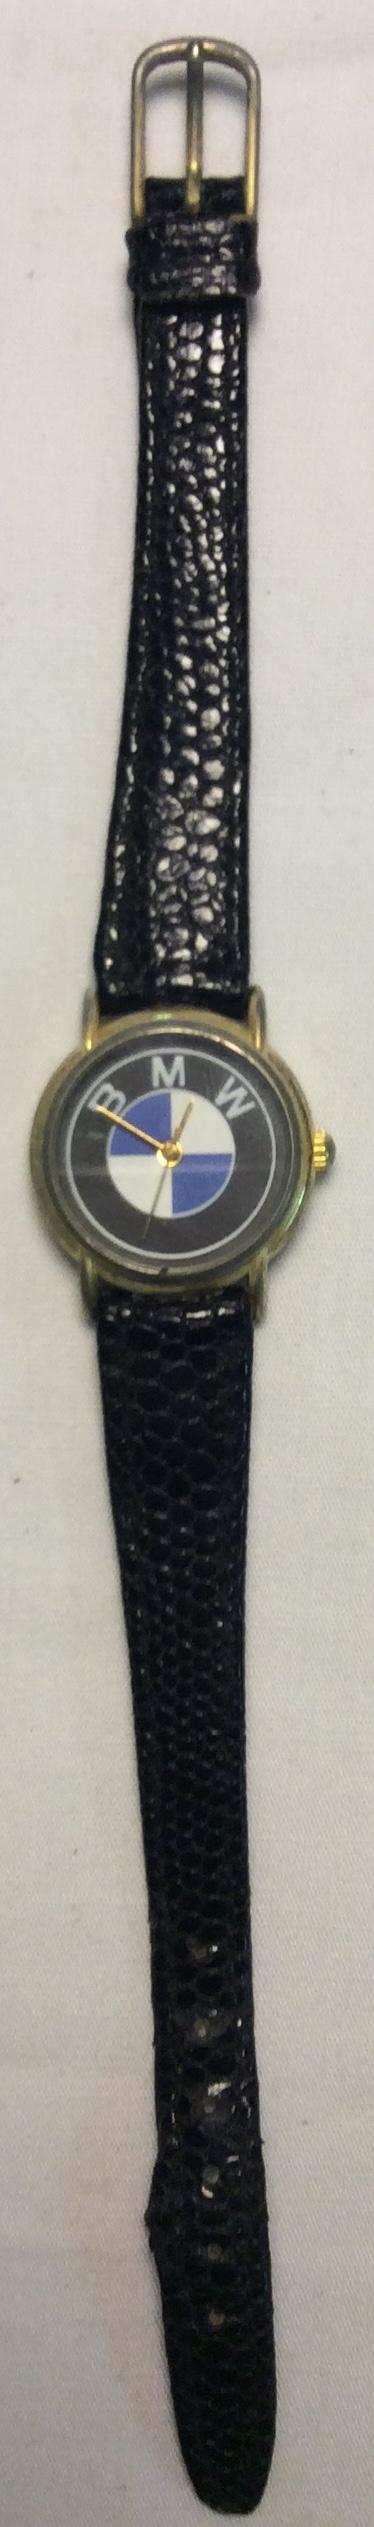 BMW watch - round black face